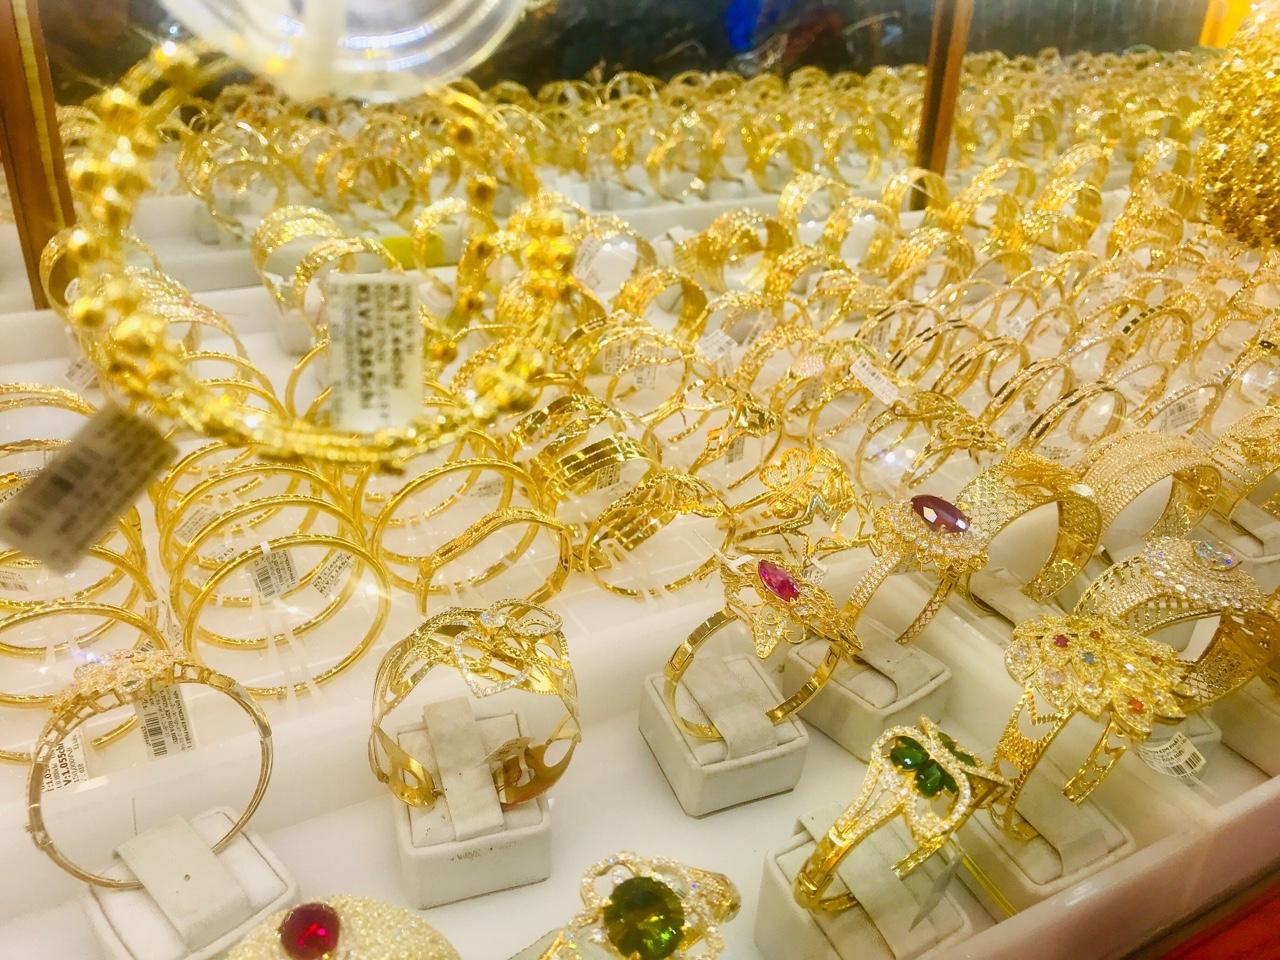 Giá vàng hôm nay 7/5: SJC tăng đến 220.000 đồng/lượng - Ảnh 1.